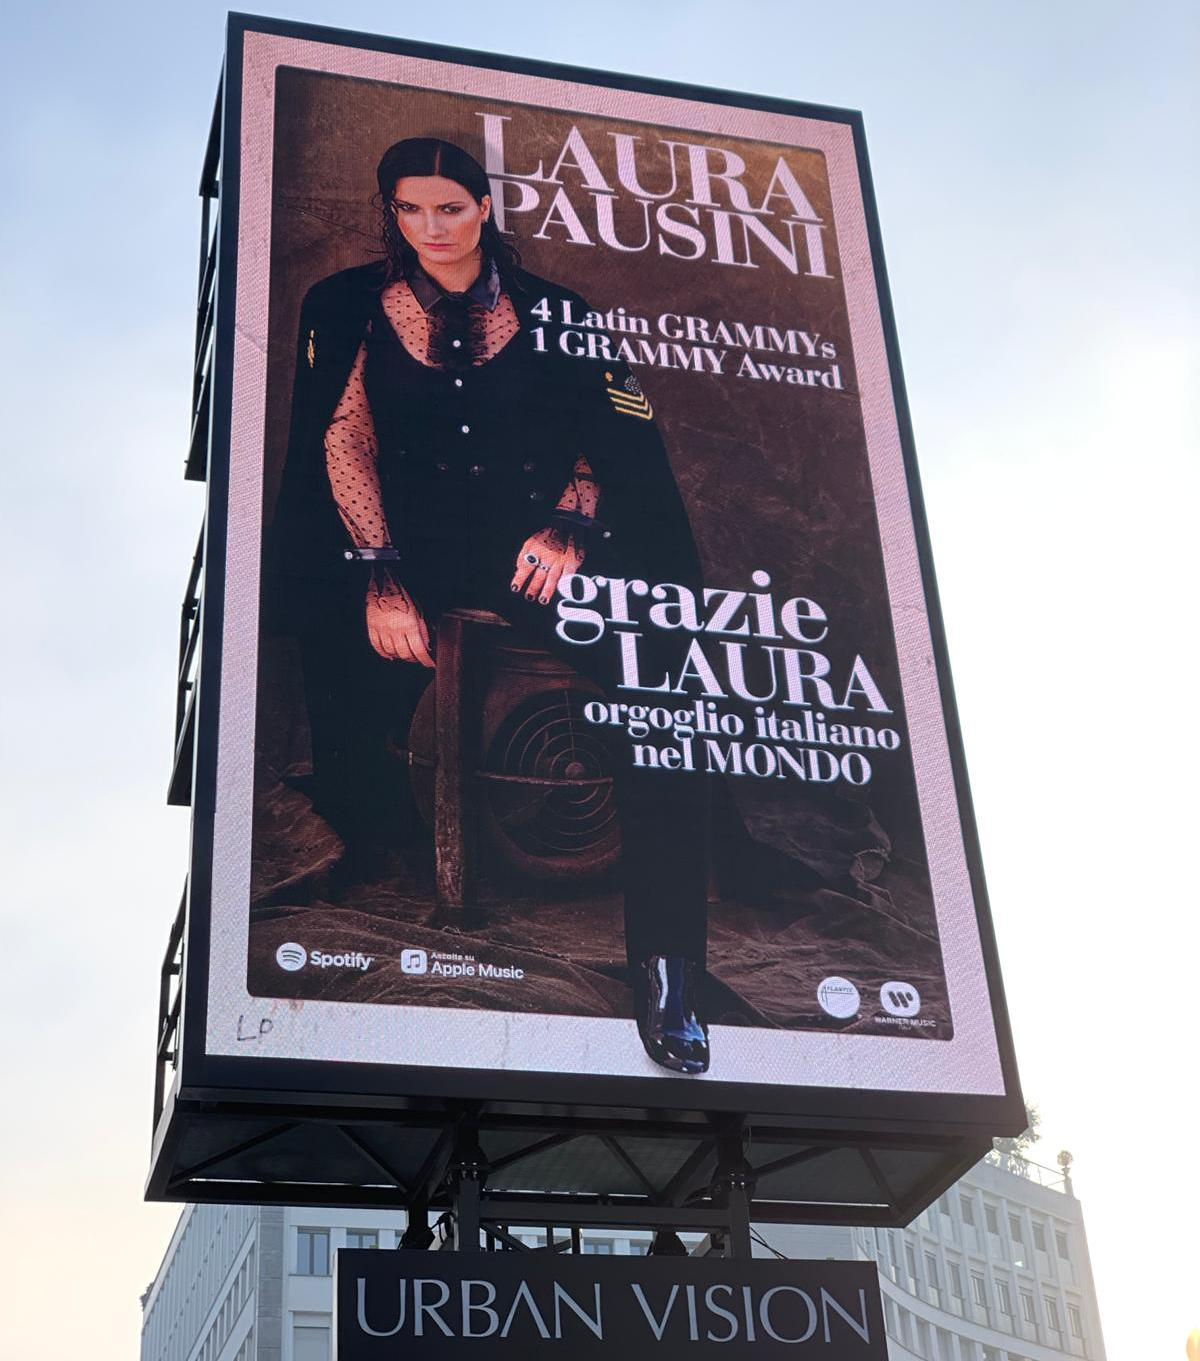 Milano celebra Laura Pausini